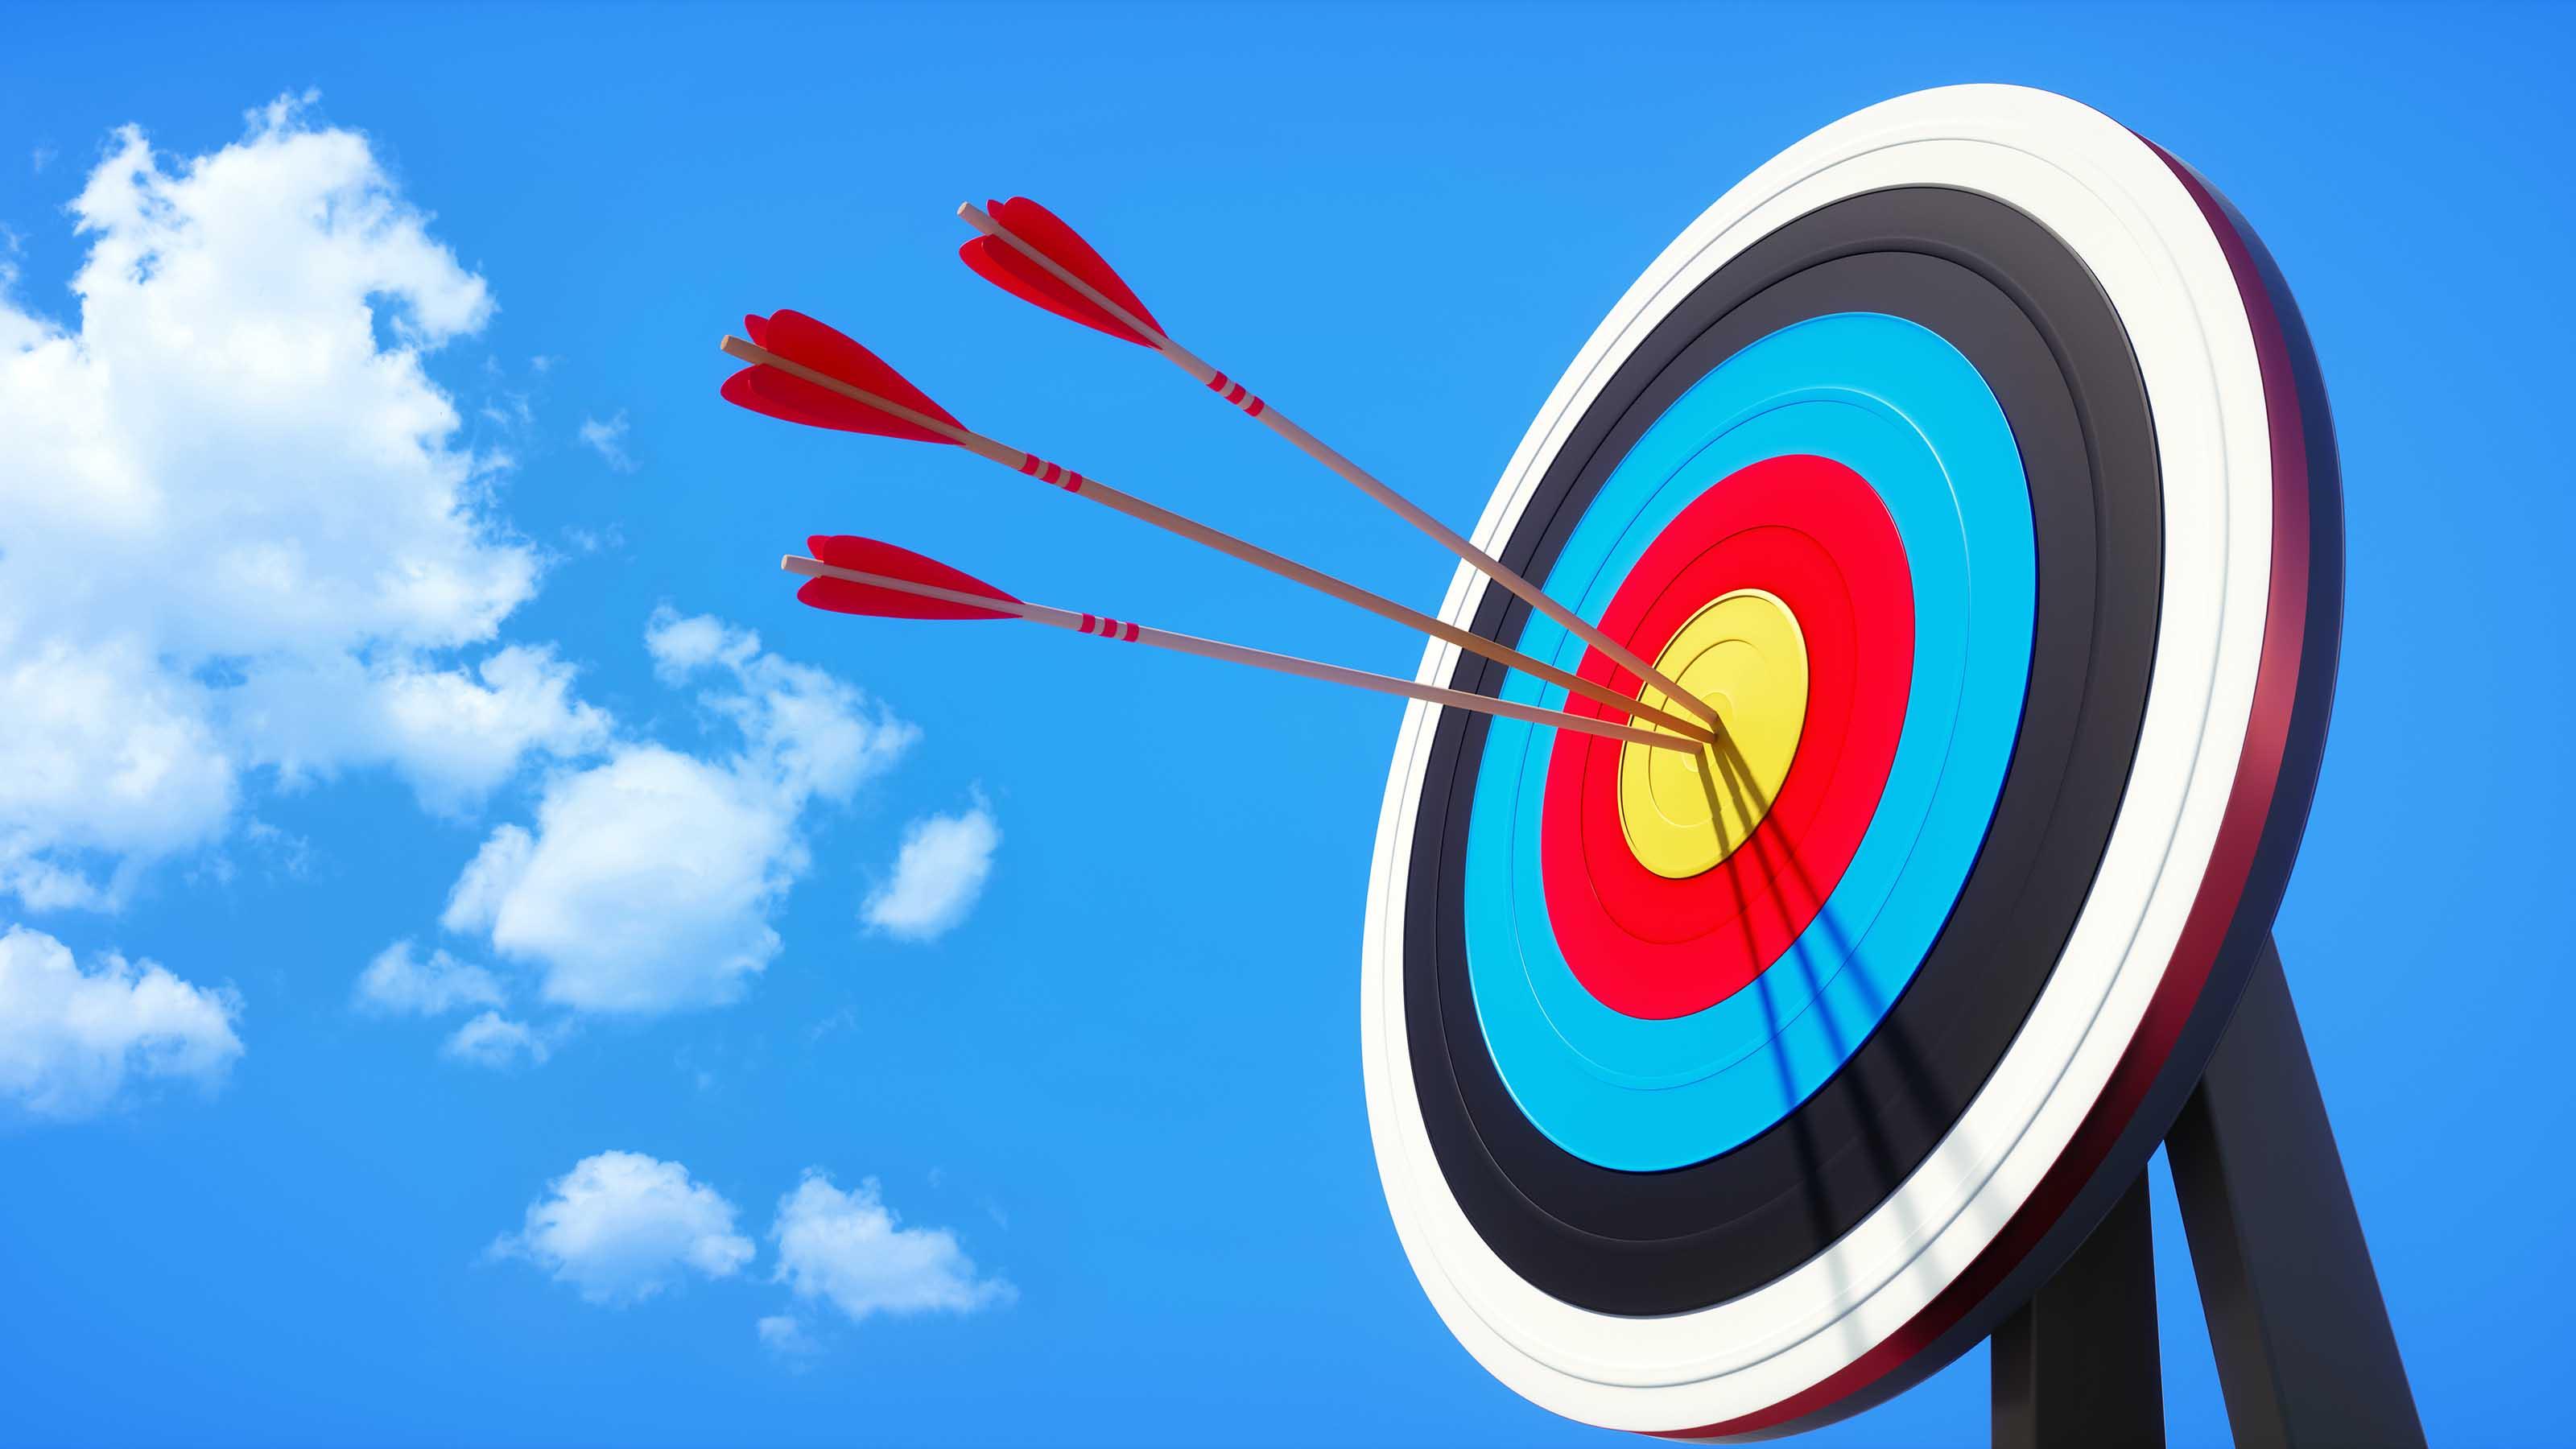 15 Mighty Mid-Cap Stocks to Buy for 2021 | Kiplinger